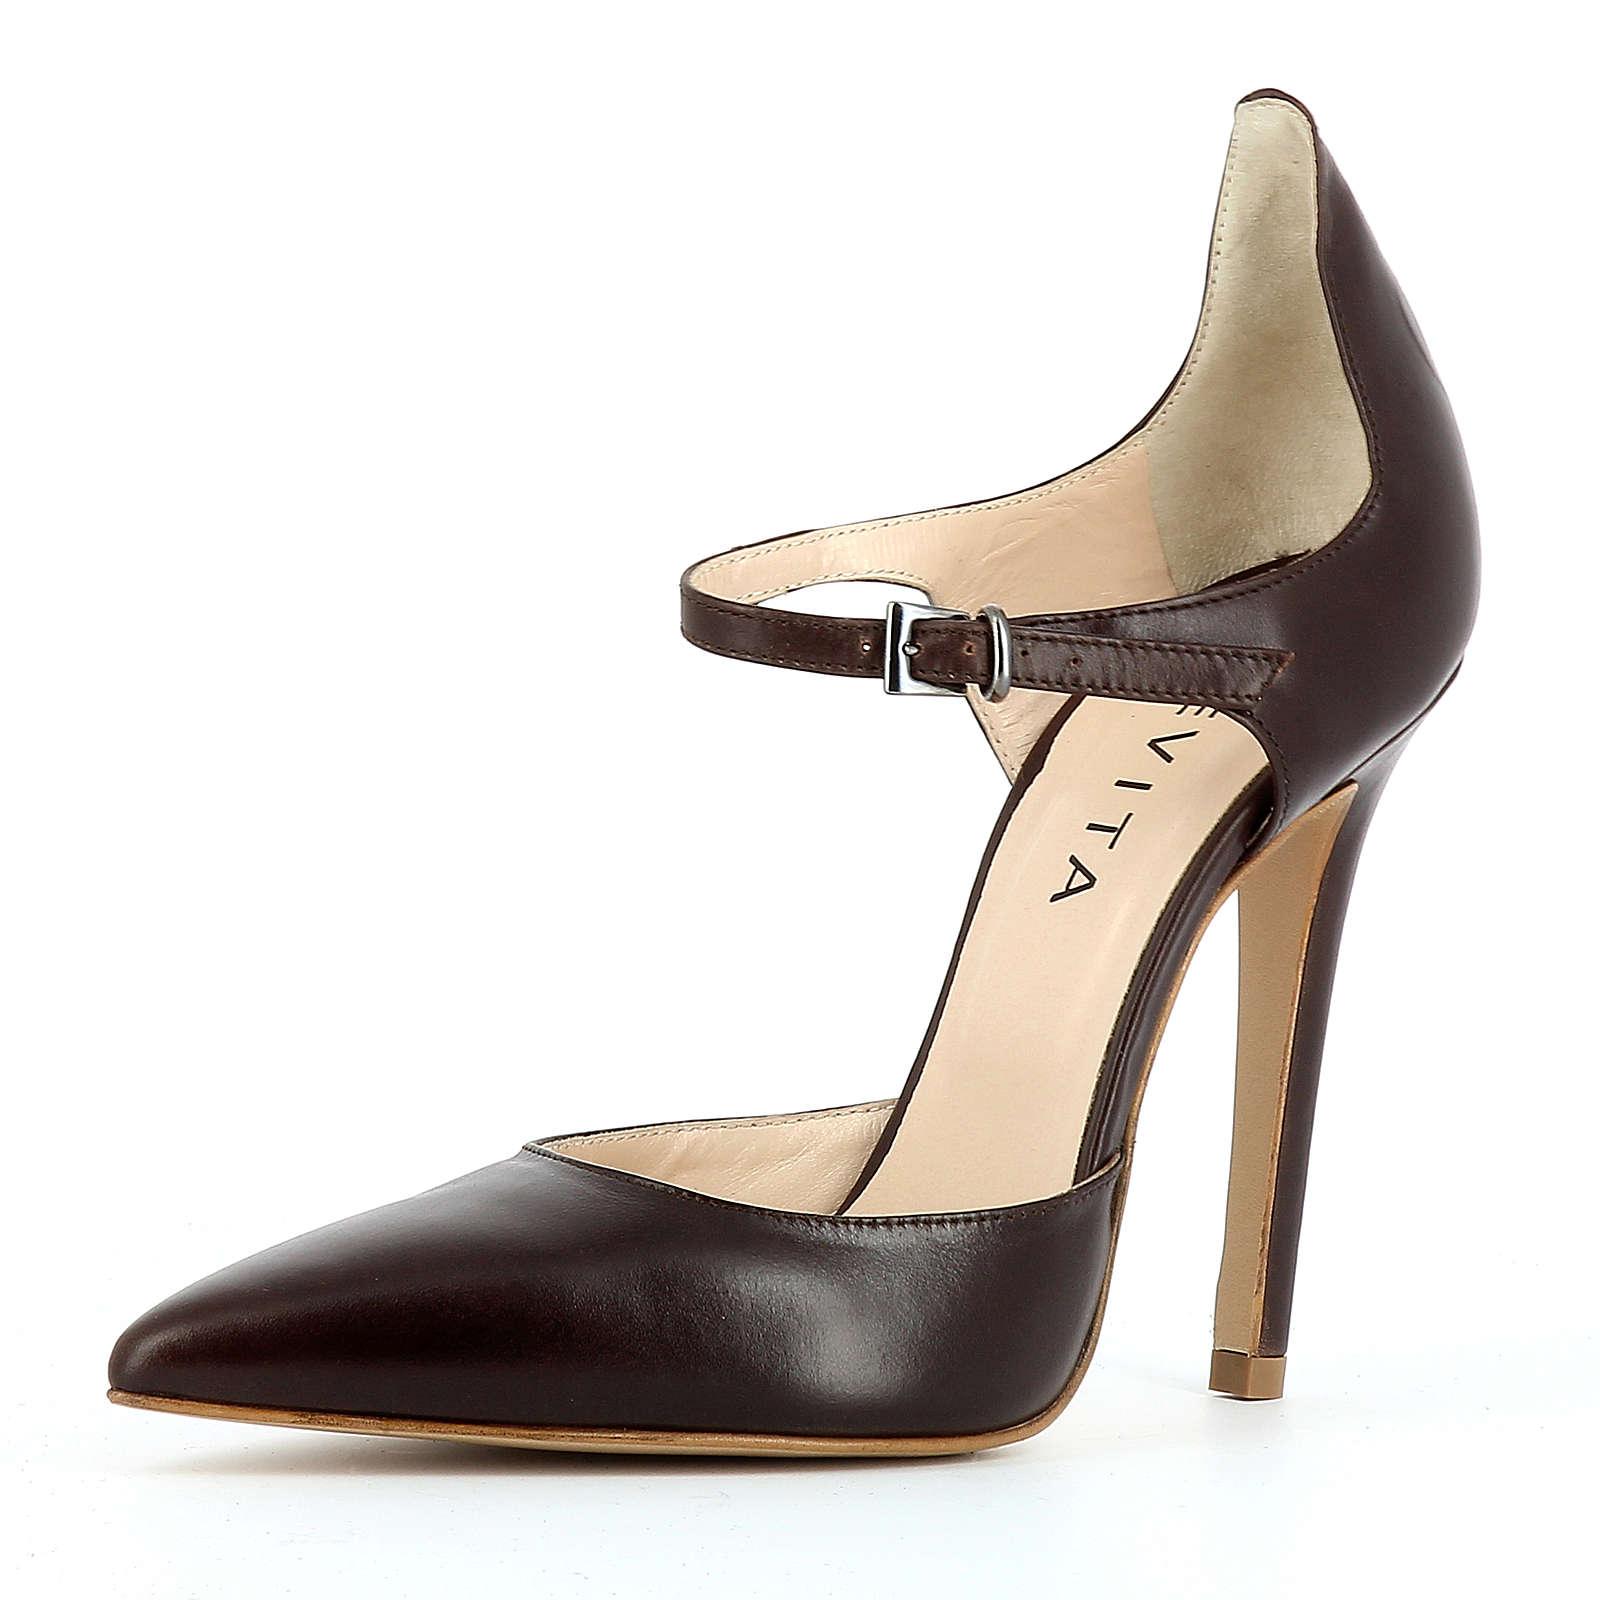 Evita Shoes Pumps dunkelbraun Damen Gr. 41